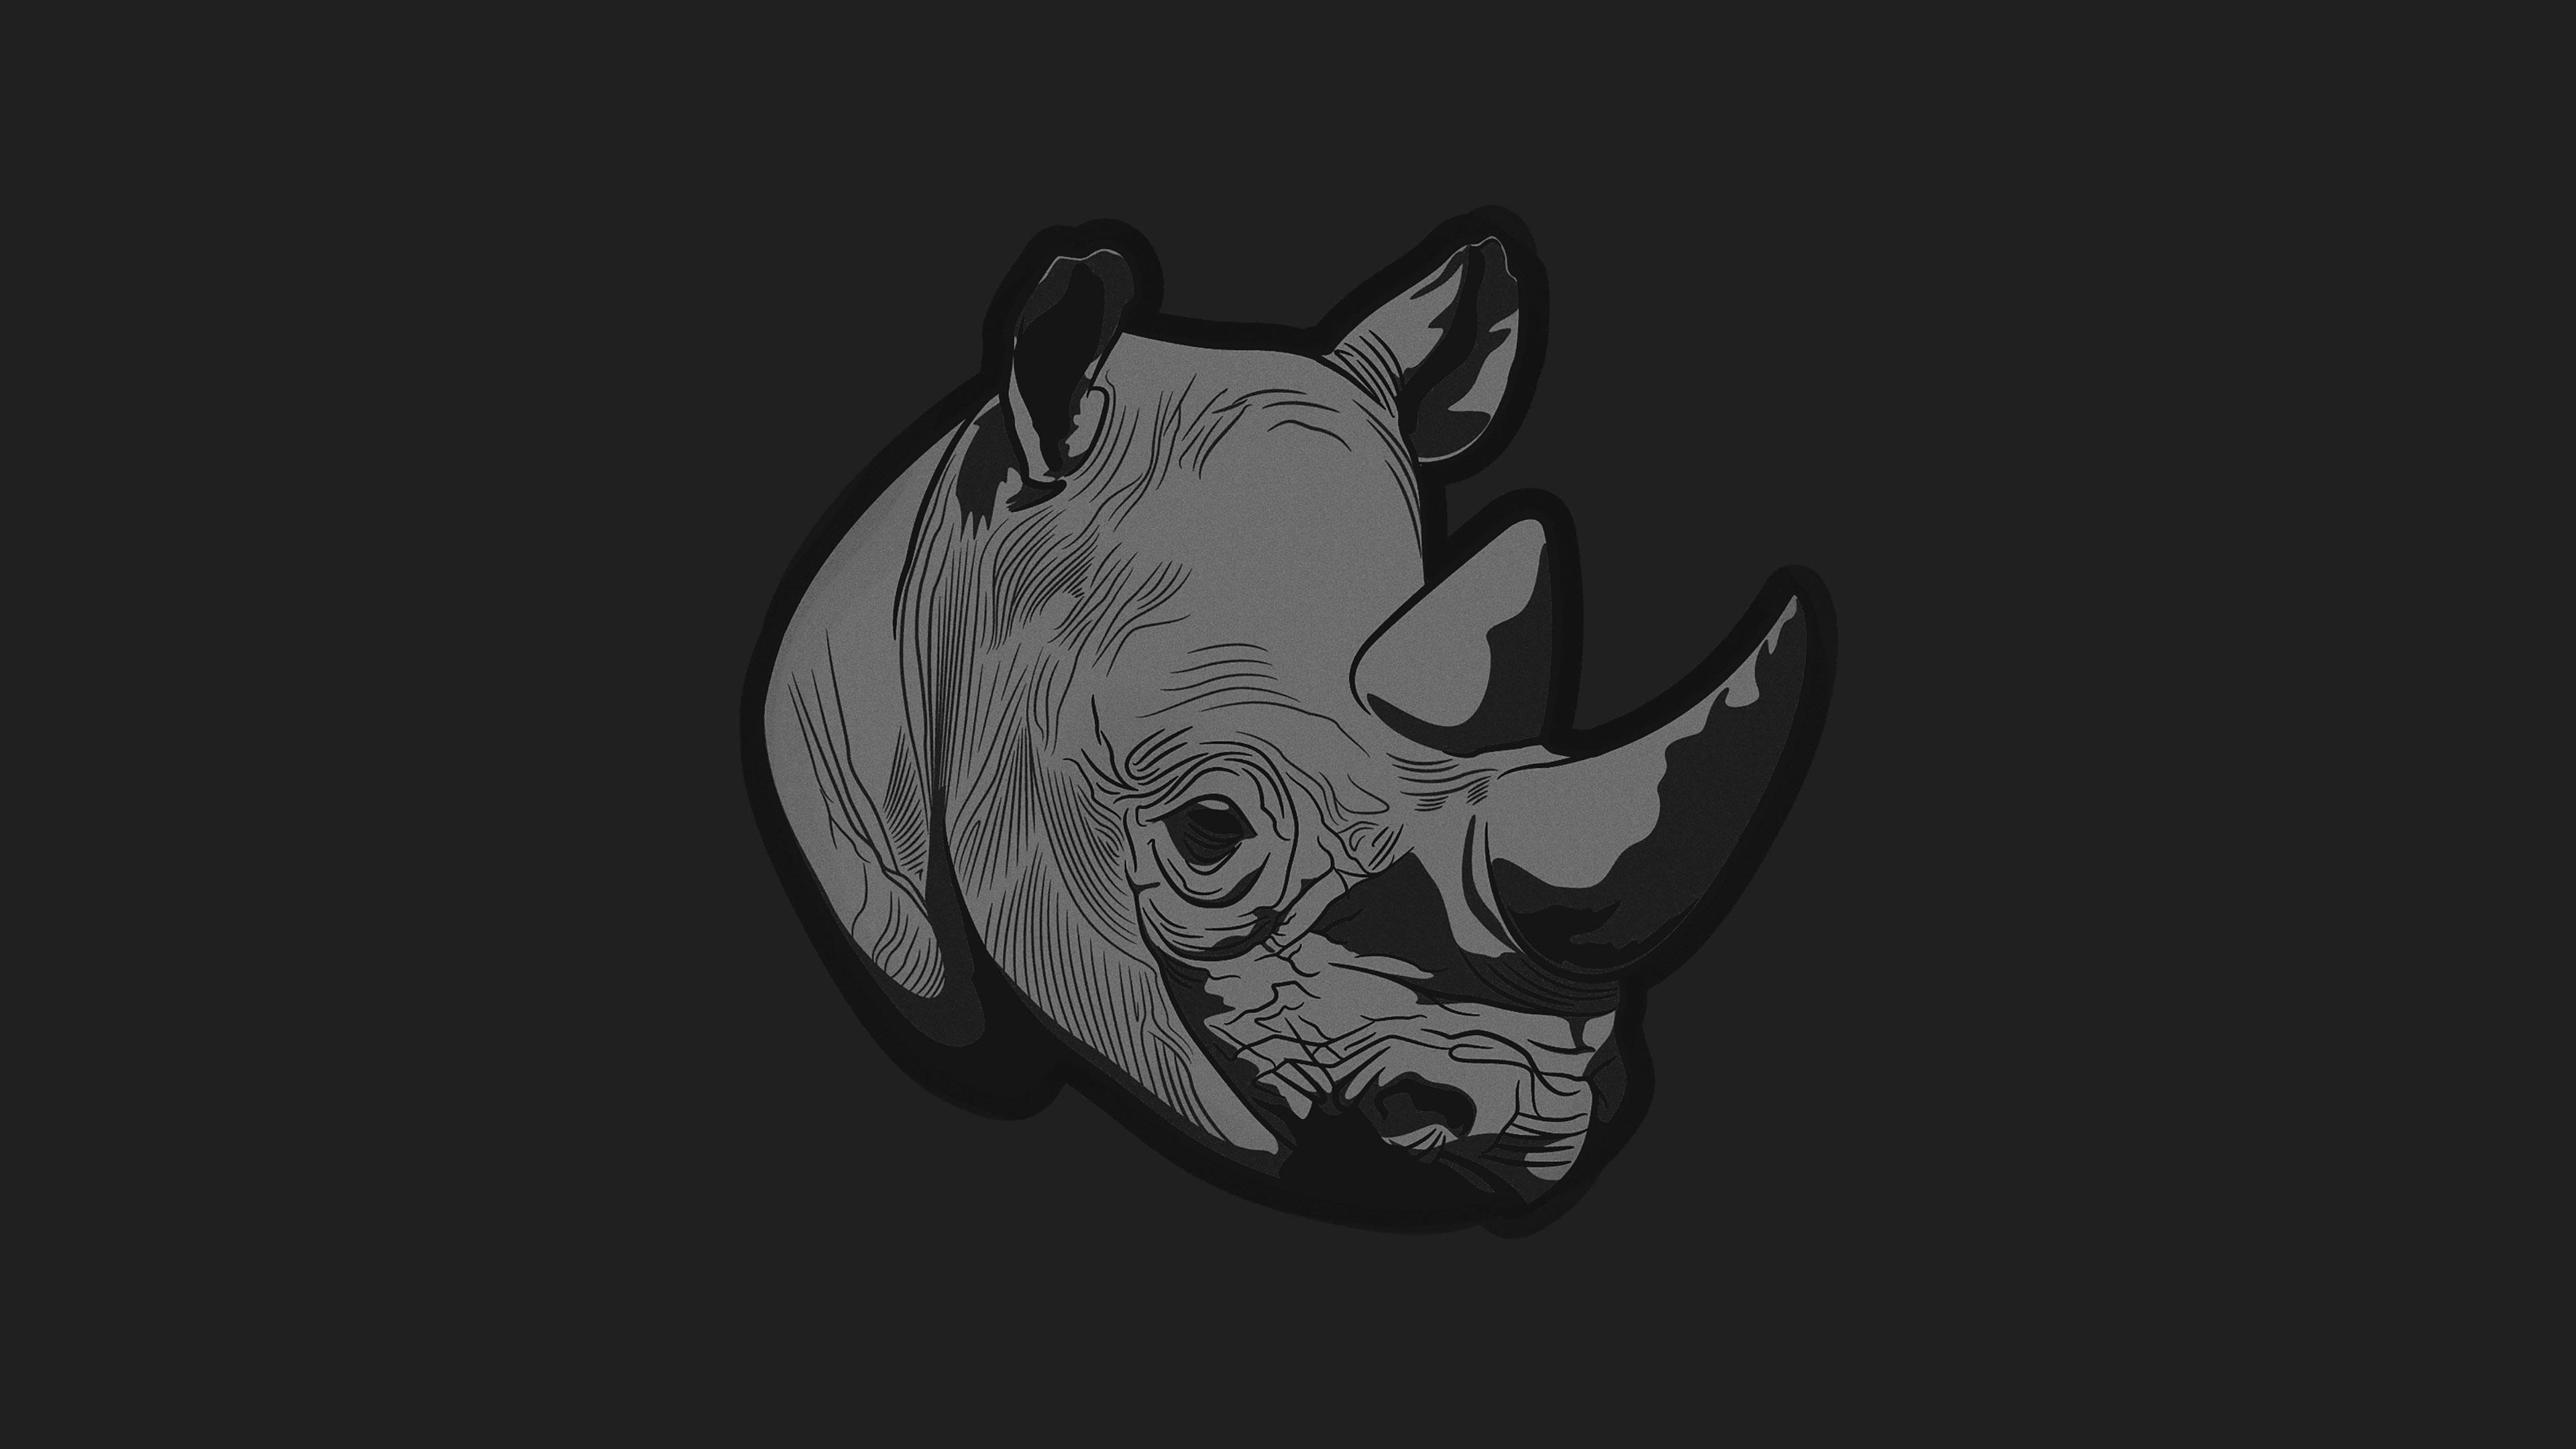 Aj54-thoughtful-rhino-dark-minimal-illust-art